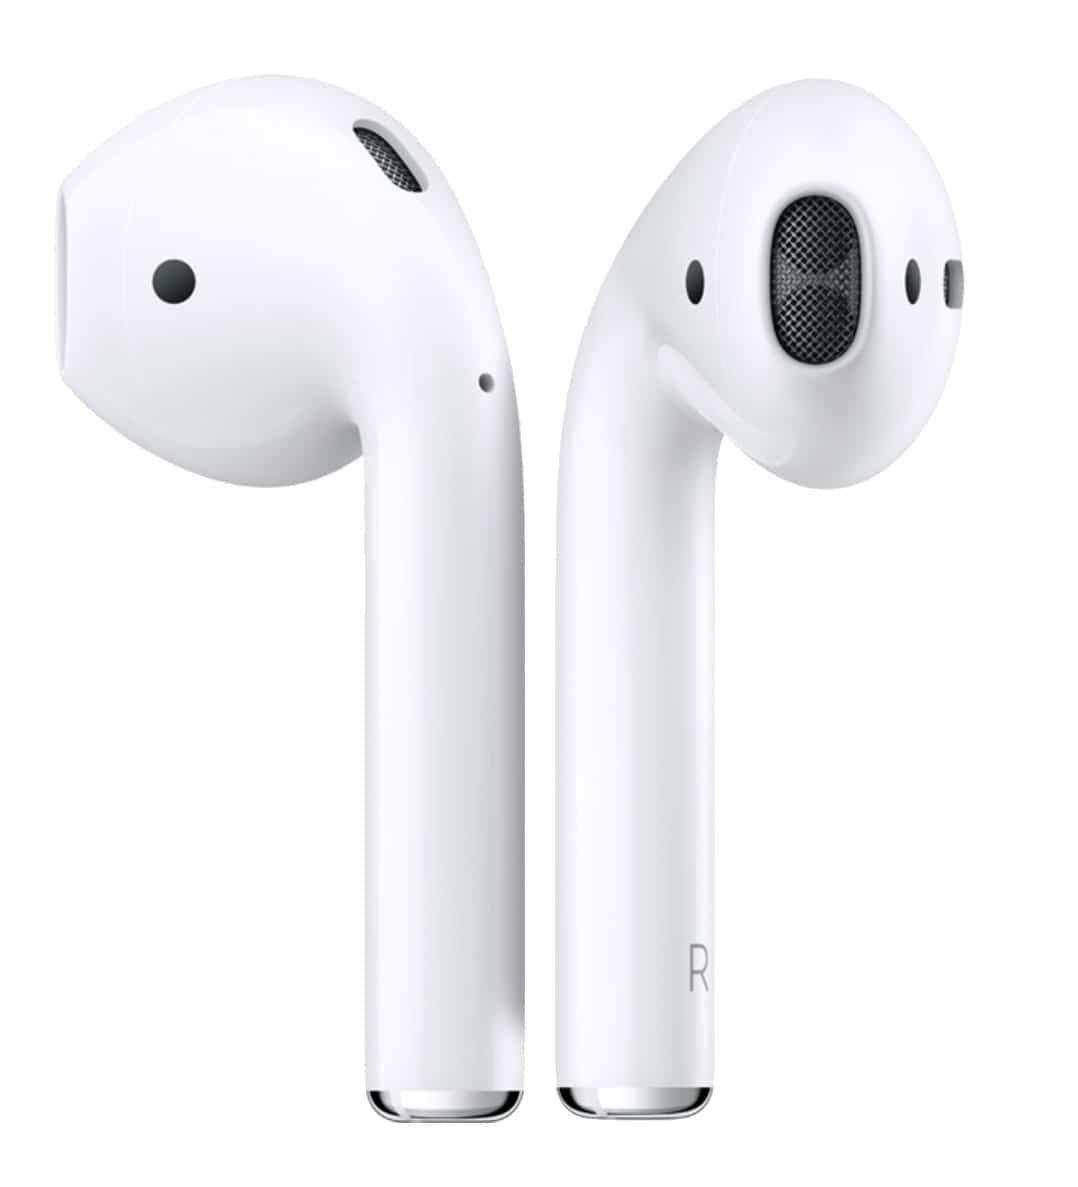 Die Besten True Wireless In Ear Kopfhorer In Ear Kopfhorer Kopfhorer Ohne Kabel Und Beste Kopfhorer